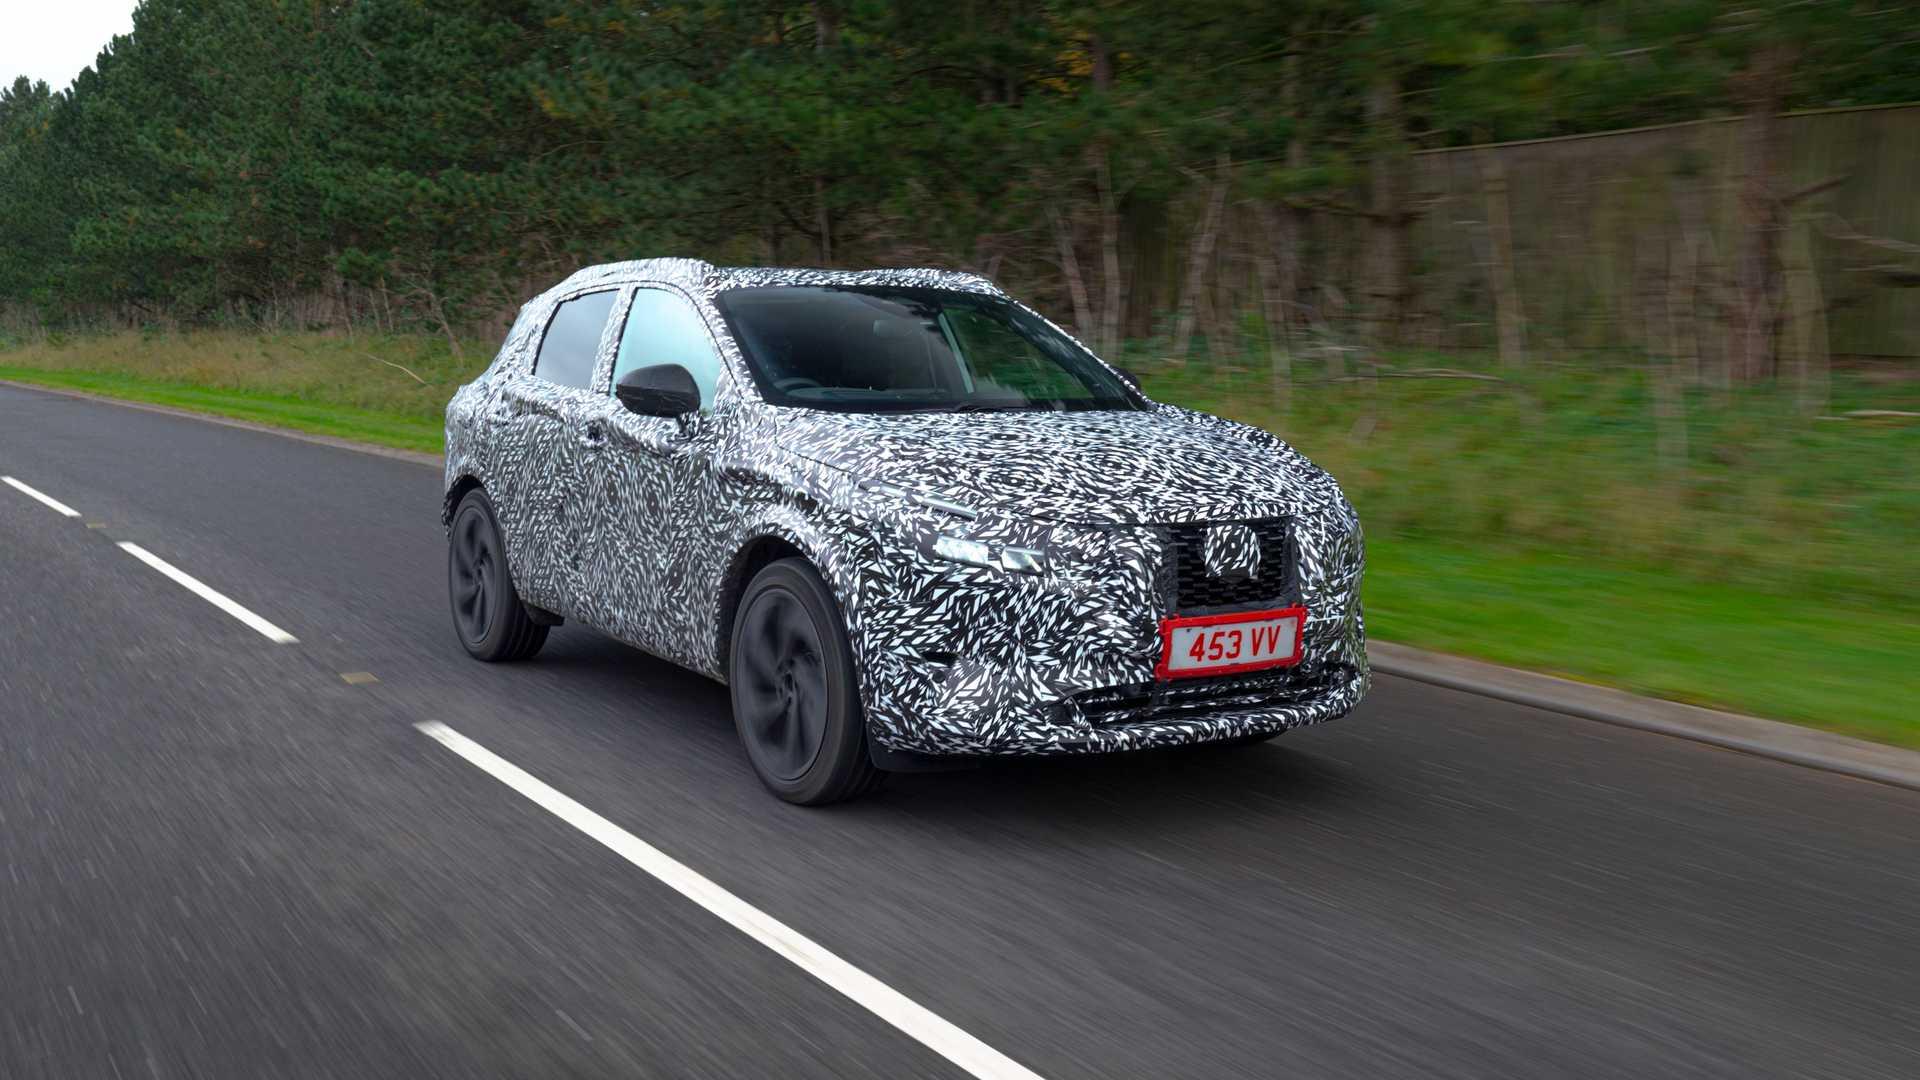 Αυτή θα είναι η υβριδική γκάμα κινητήρων του νέου Nissan Qashqai